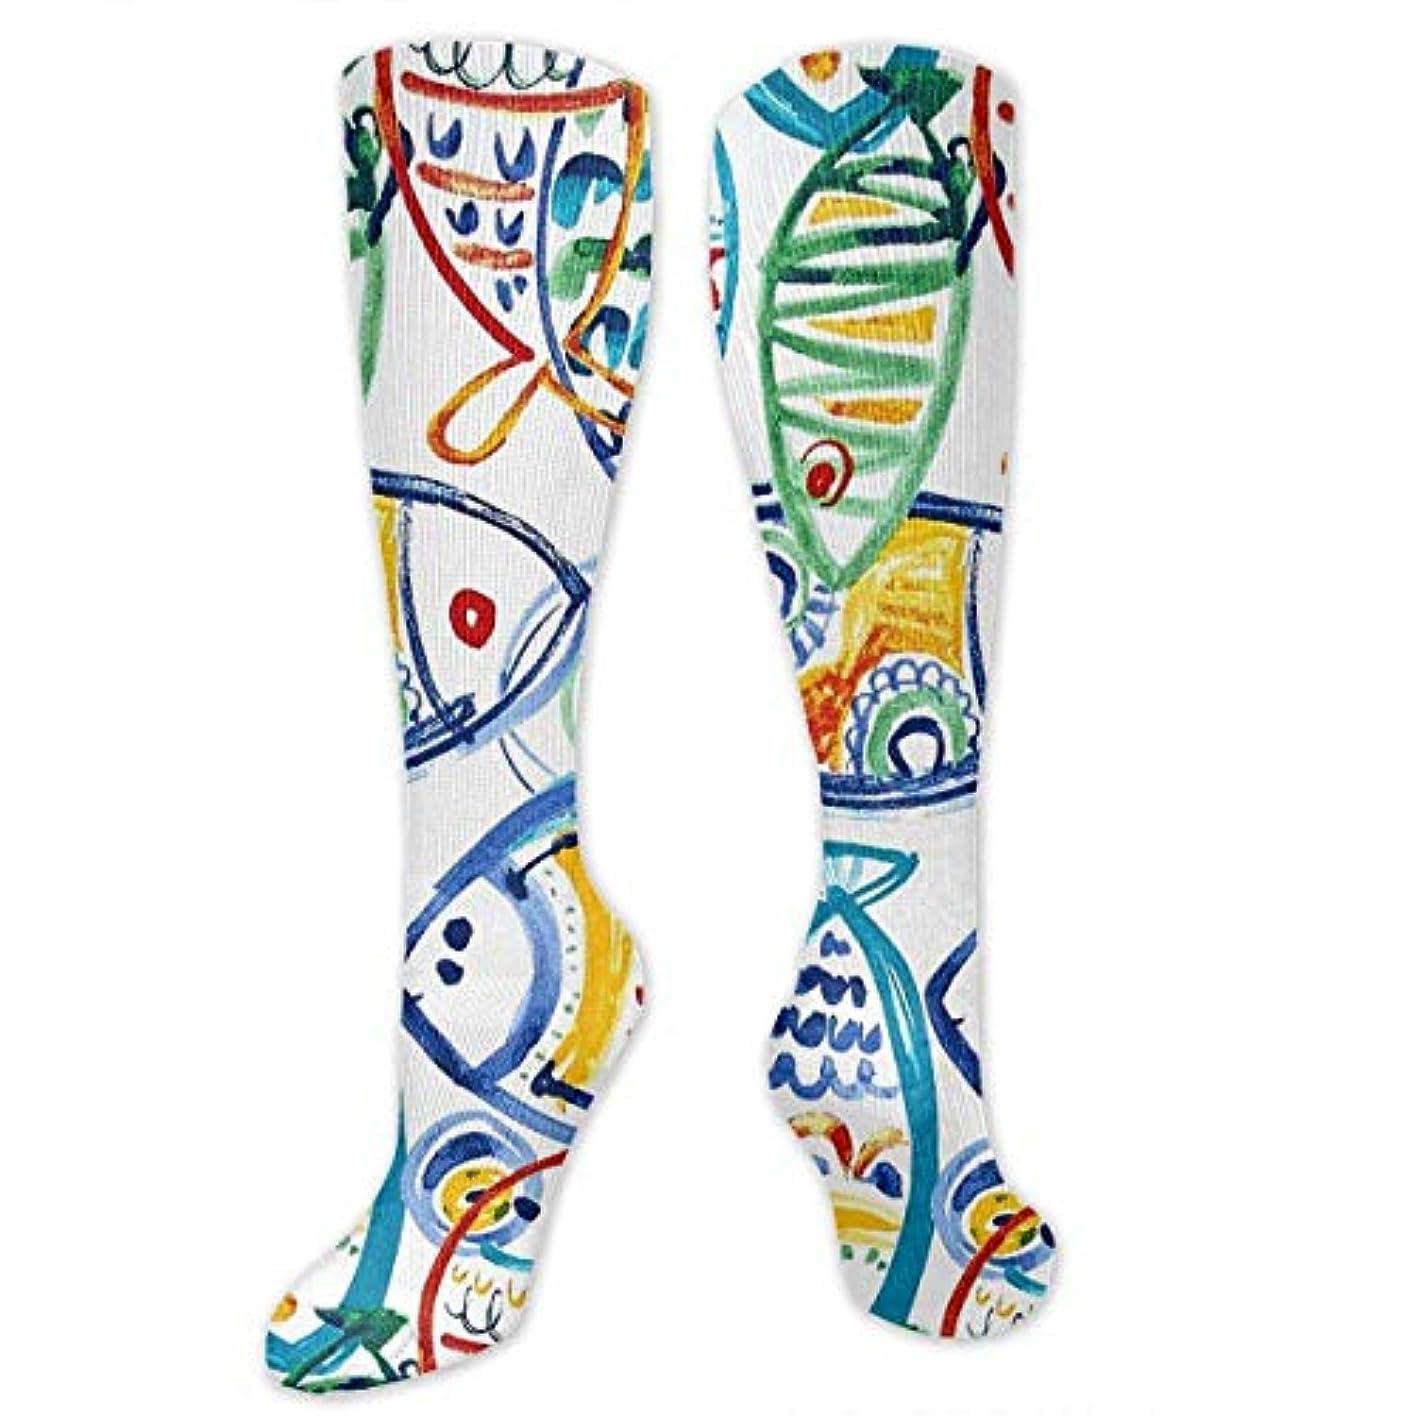 波許容できるレッドデート靴下,ストッキング,野生のジョーカー,実際,秋の本質,冬必須,サマーウェア&RBXAA Solarium Outdoor Cast Seaside Socks Women's Winter Cotton Long Tube...